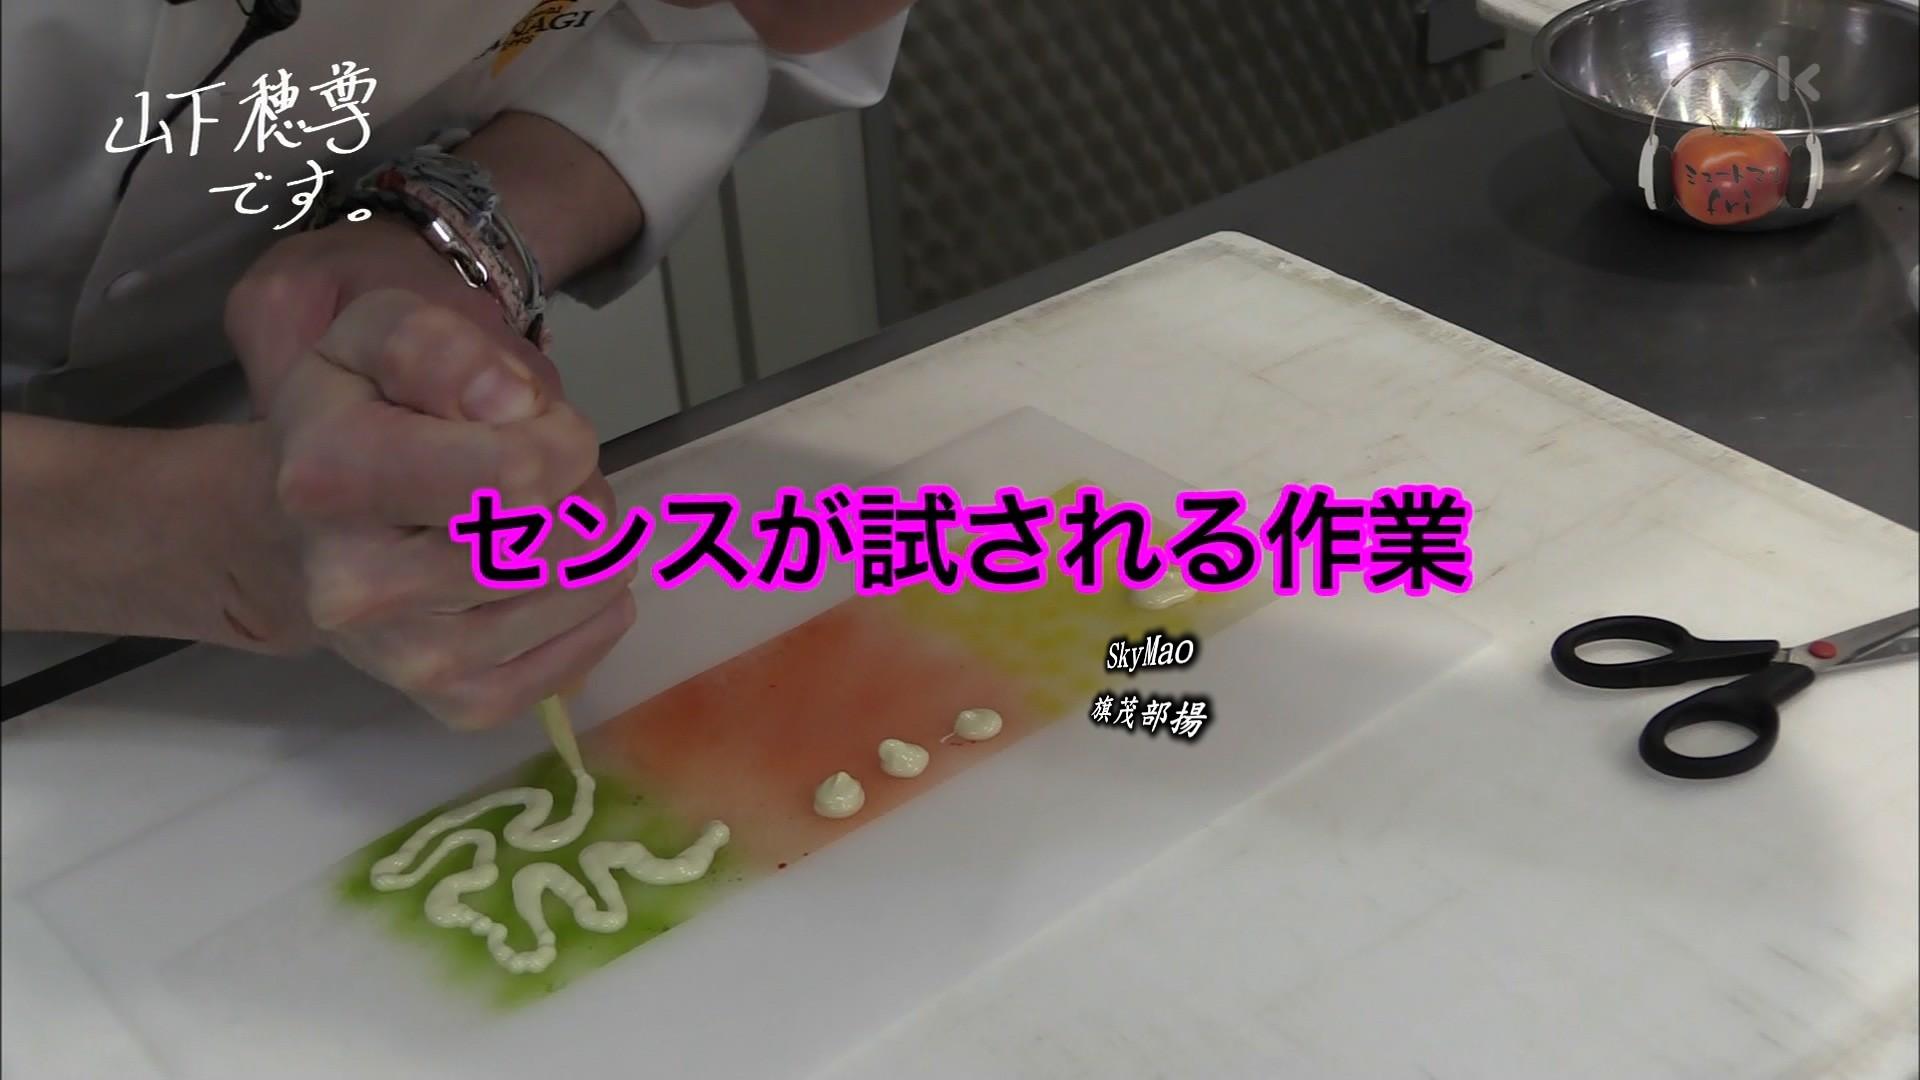 2017.08.18 全場(ミュートマ2).ts_20170819_010458.958